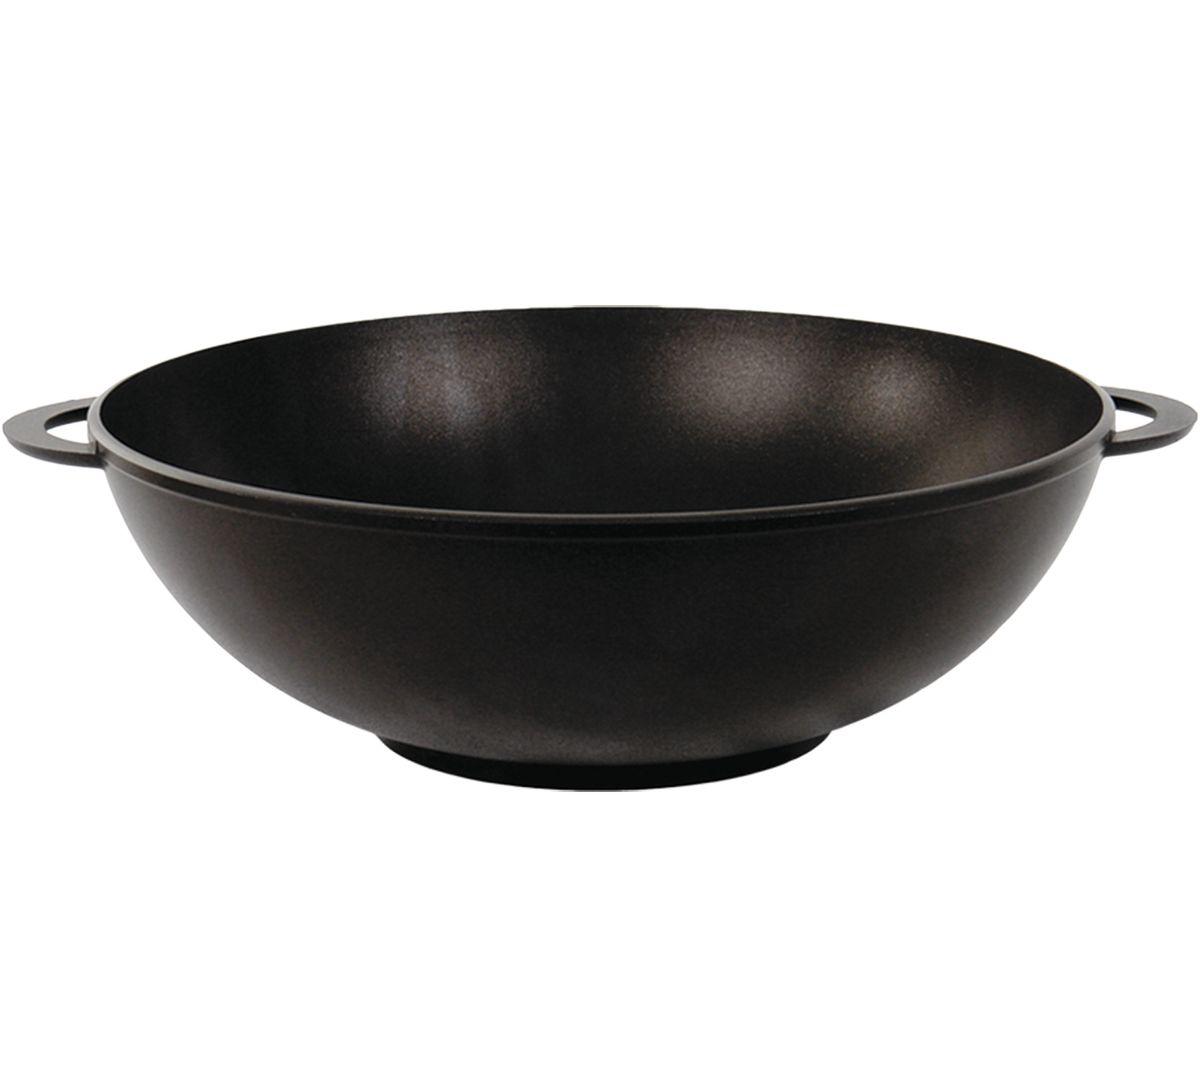 Сковорода-вок Биол, с антипригарным покрытием. Диаметр 28 см2803ПСковорода-вок Биол изготовлена из пищевого алюминиевого сплава с антипригарным эко-покрытием Greblon. Утолщенное дно такой посуды быстро и равномерно распределяет тепло, дно посуды проточено до зеркального блеска. Сковорода устойчива к появлению царапин, благодаря верхнему слою с усиленными керамическими частицами. При нагревании не выделяет токсичных веществ. Подходит для газовой, электрической и стеклокерамической плиты. Не подходит для индукционной. Можно мыть в посудомоечной машине. Диаметр (по верхнему краю): 28 см. Высота стенки: 10 см. Ширина (с учетом ручек): 34 см.